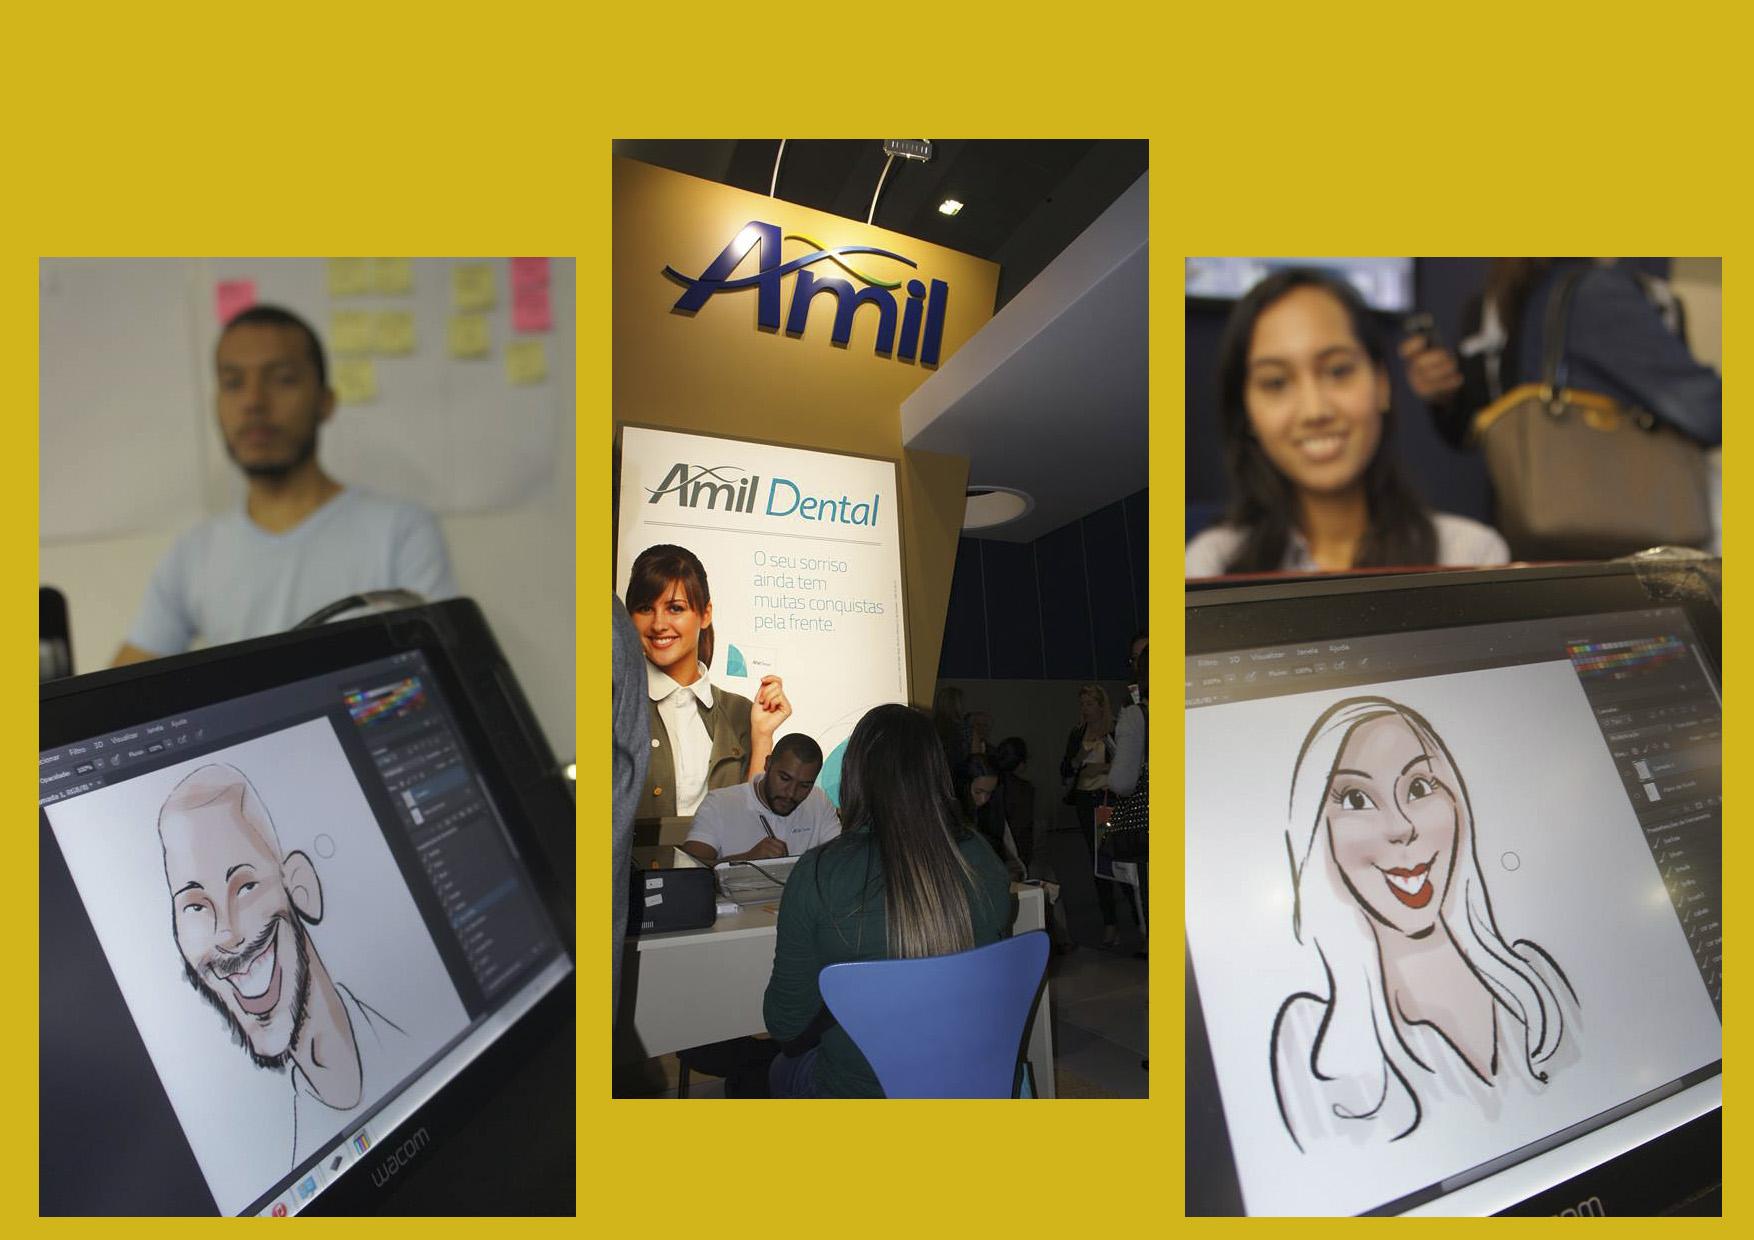 Caricaturas ao vivo em canecas para Amil no Rio